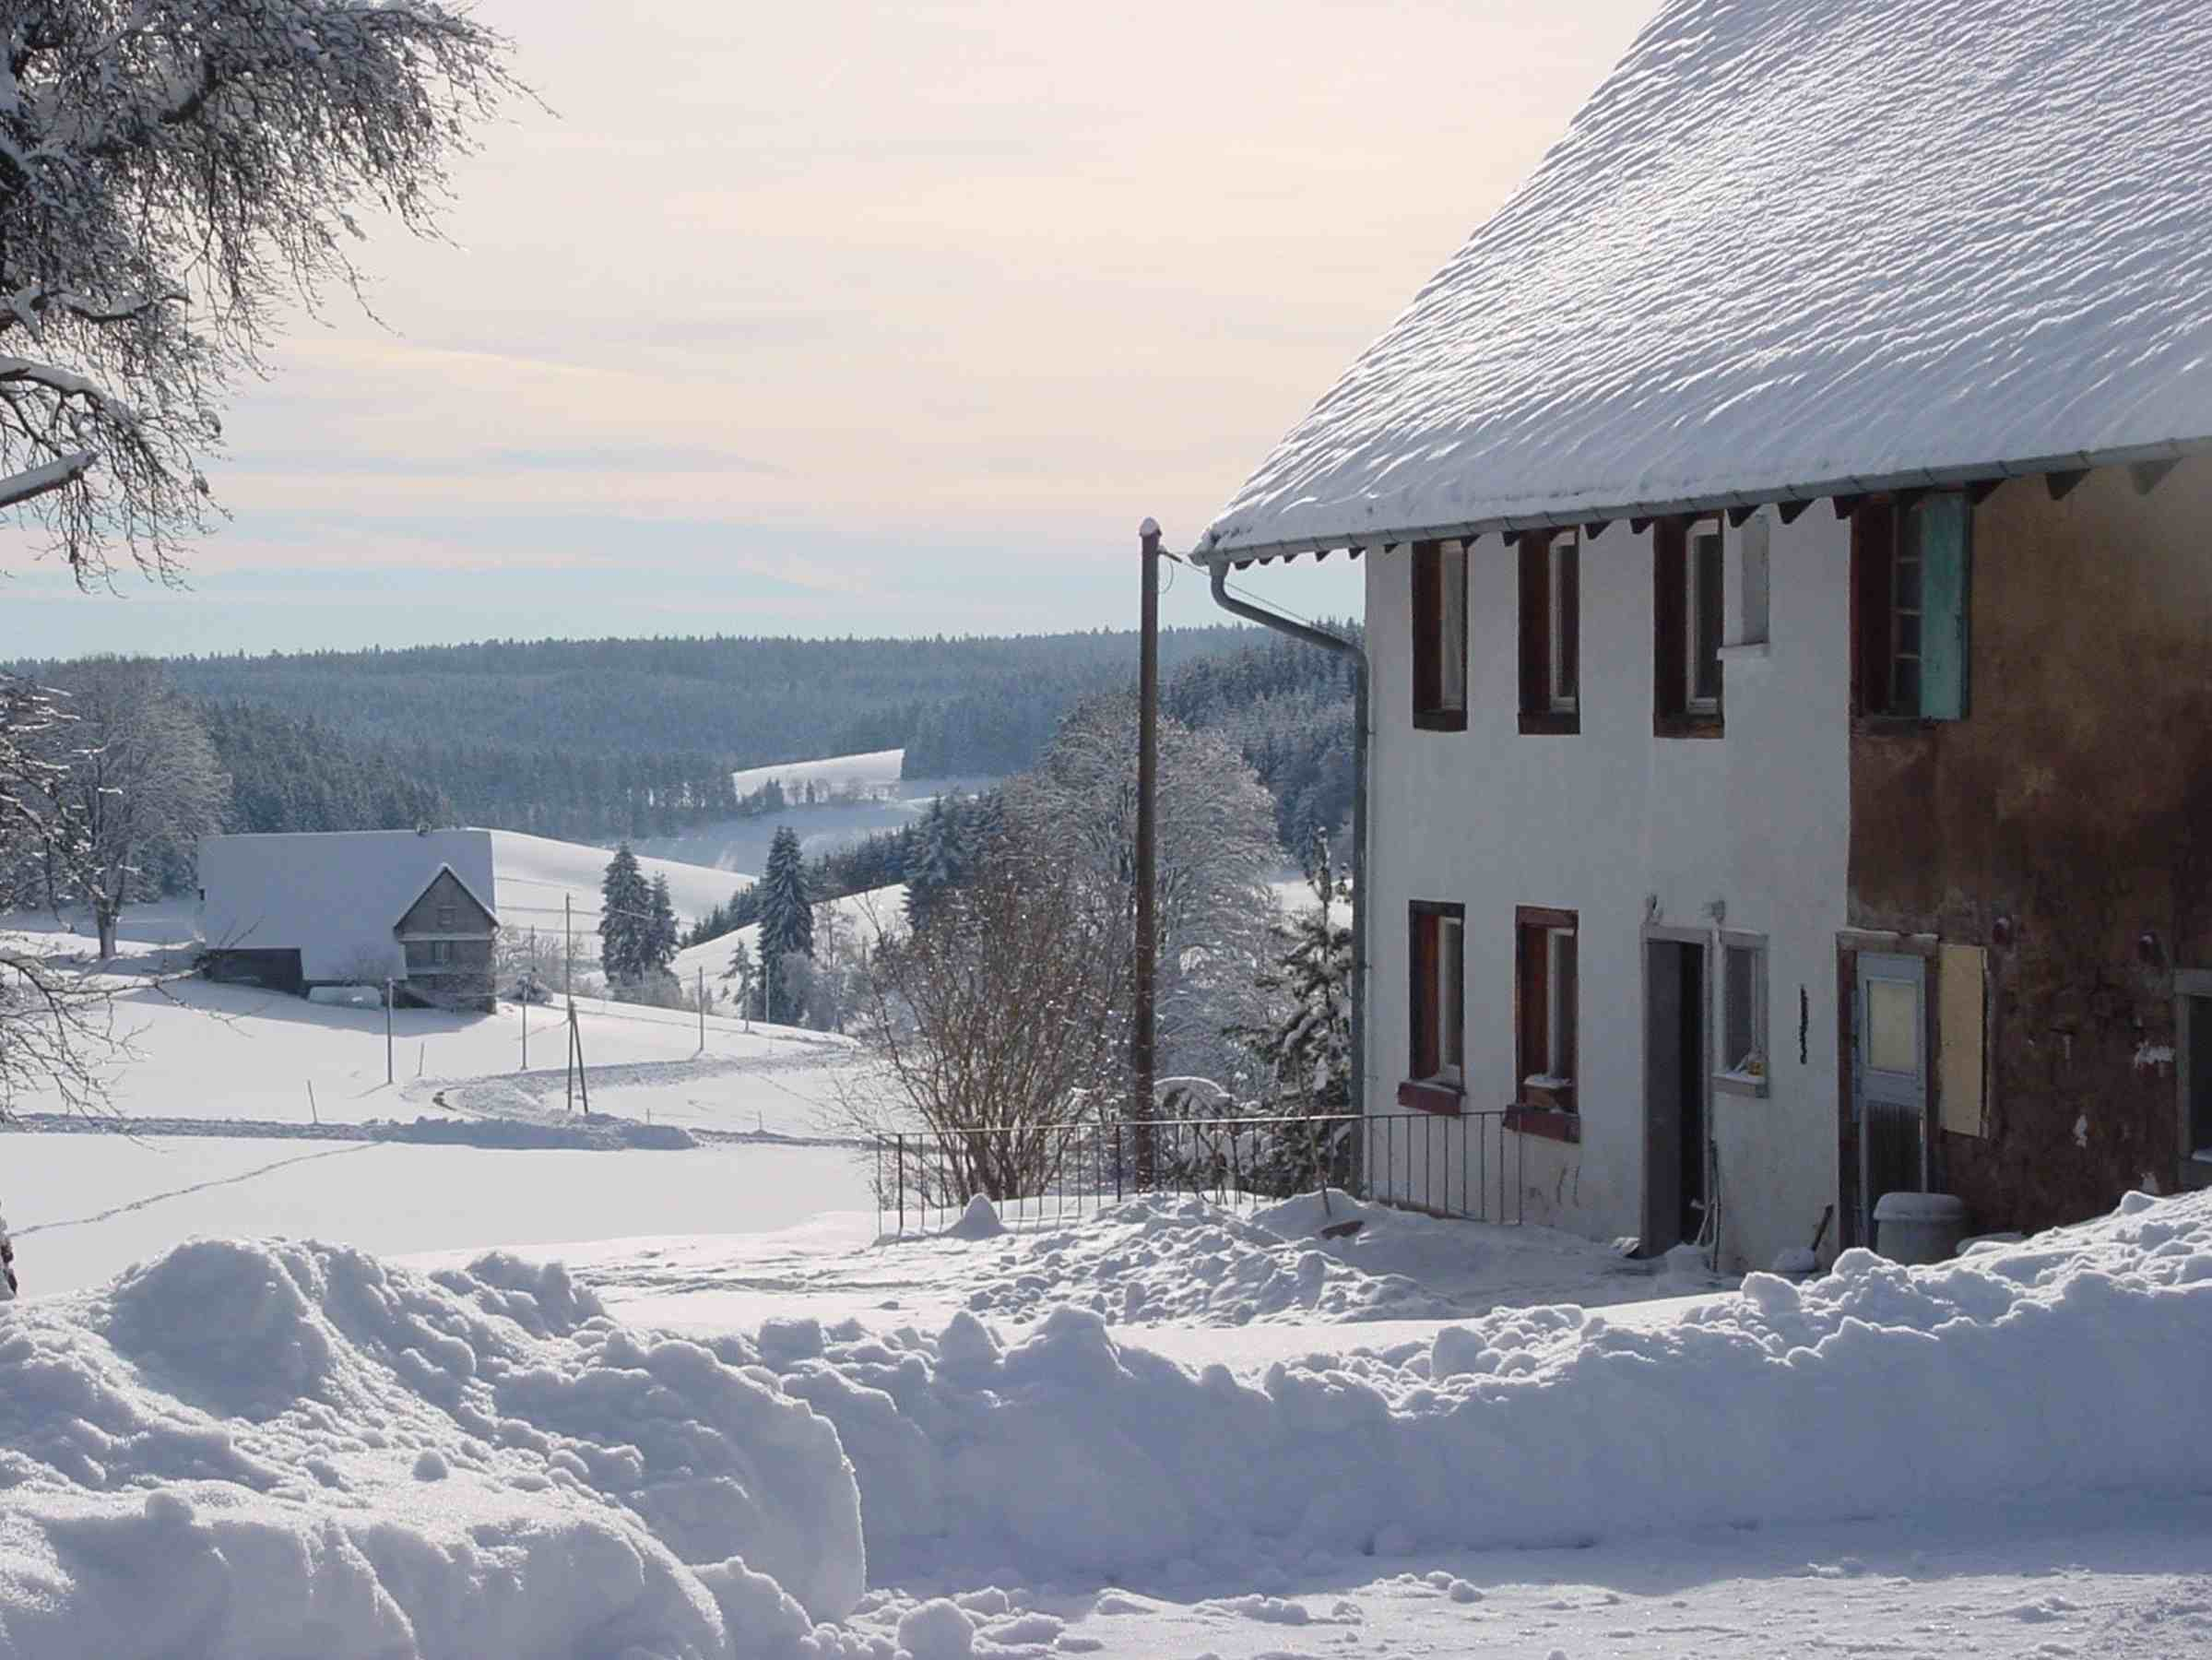 Ferienwohnung Storzenhof, (Unterkirnach). Ferienwohnung, 140qm, 3 Schlafzimmer, max. 8 Personen (2790199), Unterkirnach, Schwarzwald, Baden-Württemberg, Deutschland, Bild 7